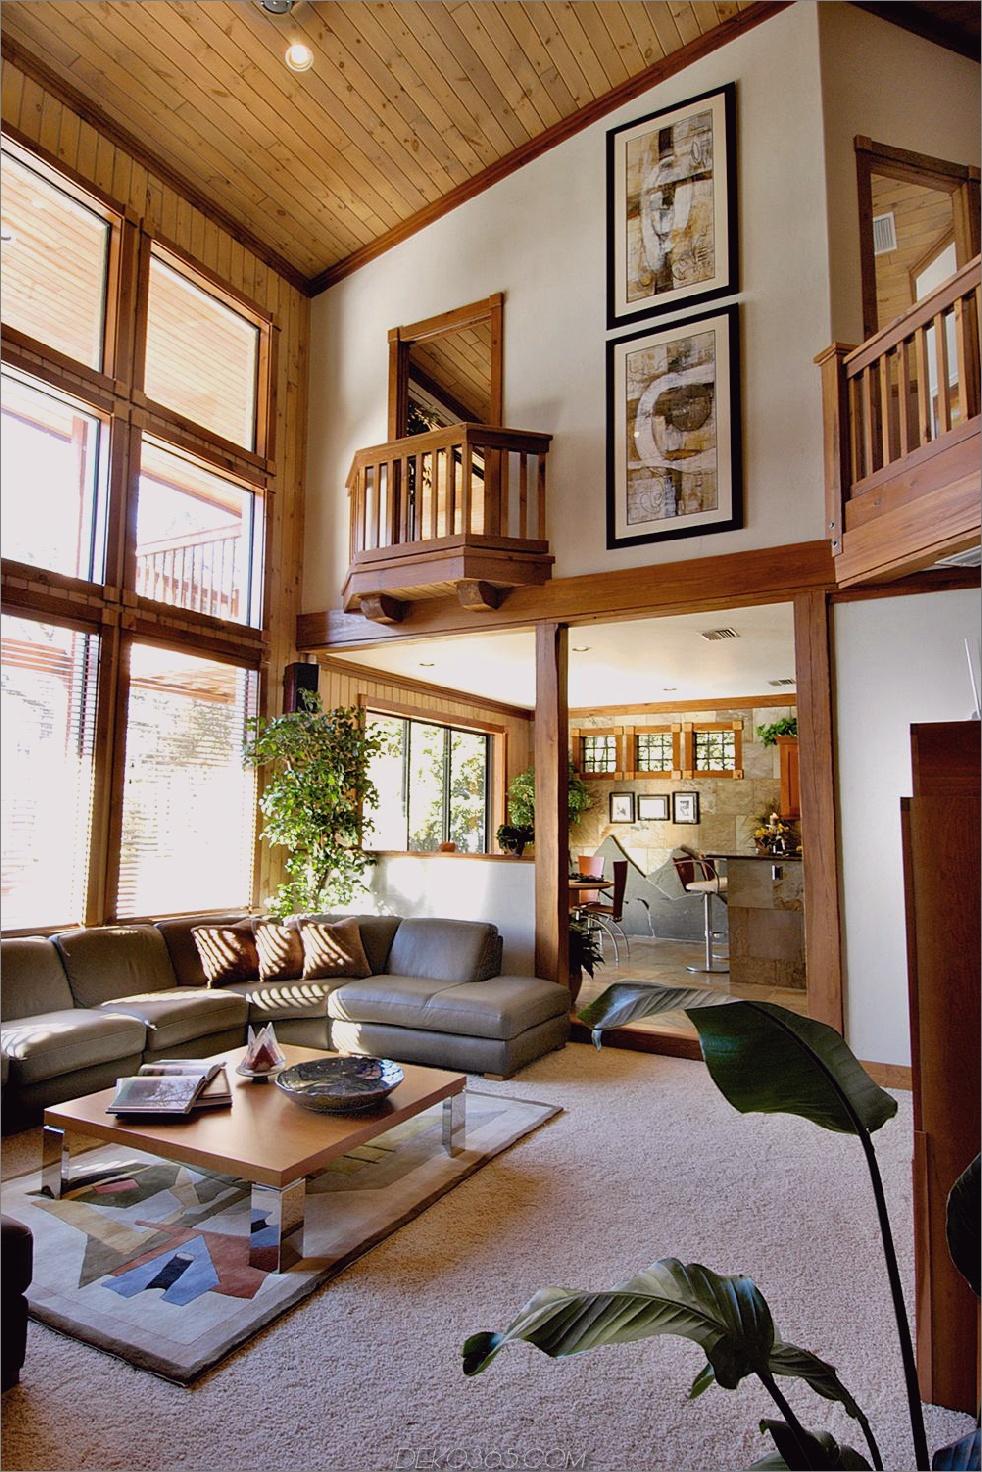 kontrastierende Deckenfarben Charming Rooms With All Wood Ceilings